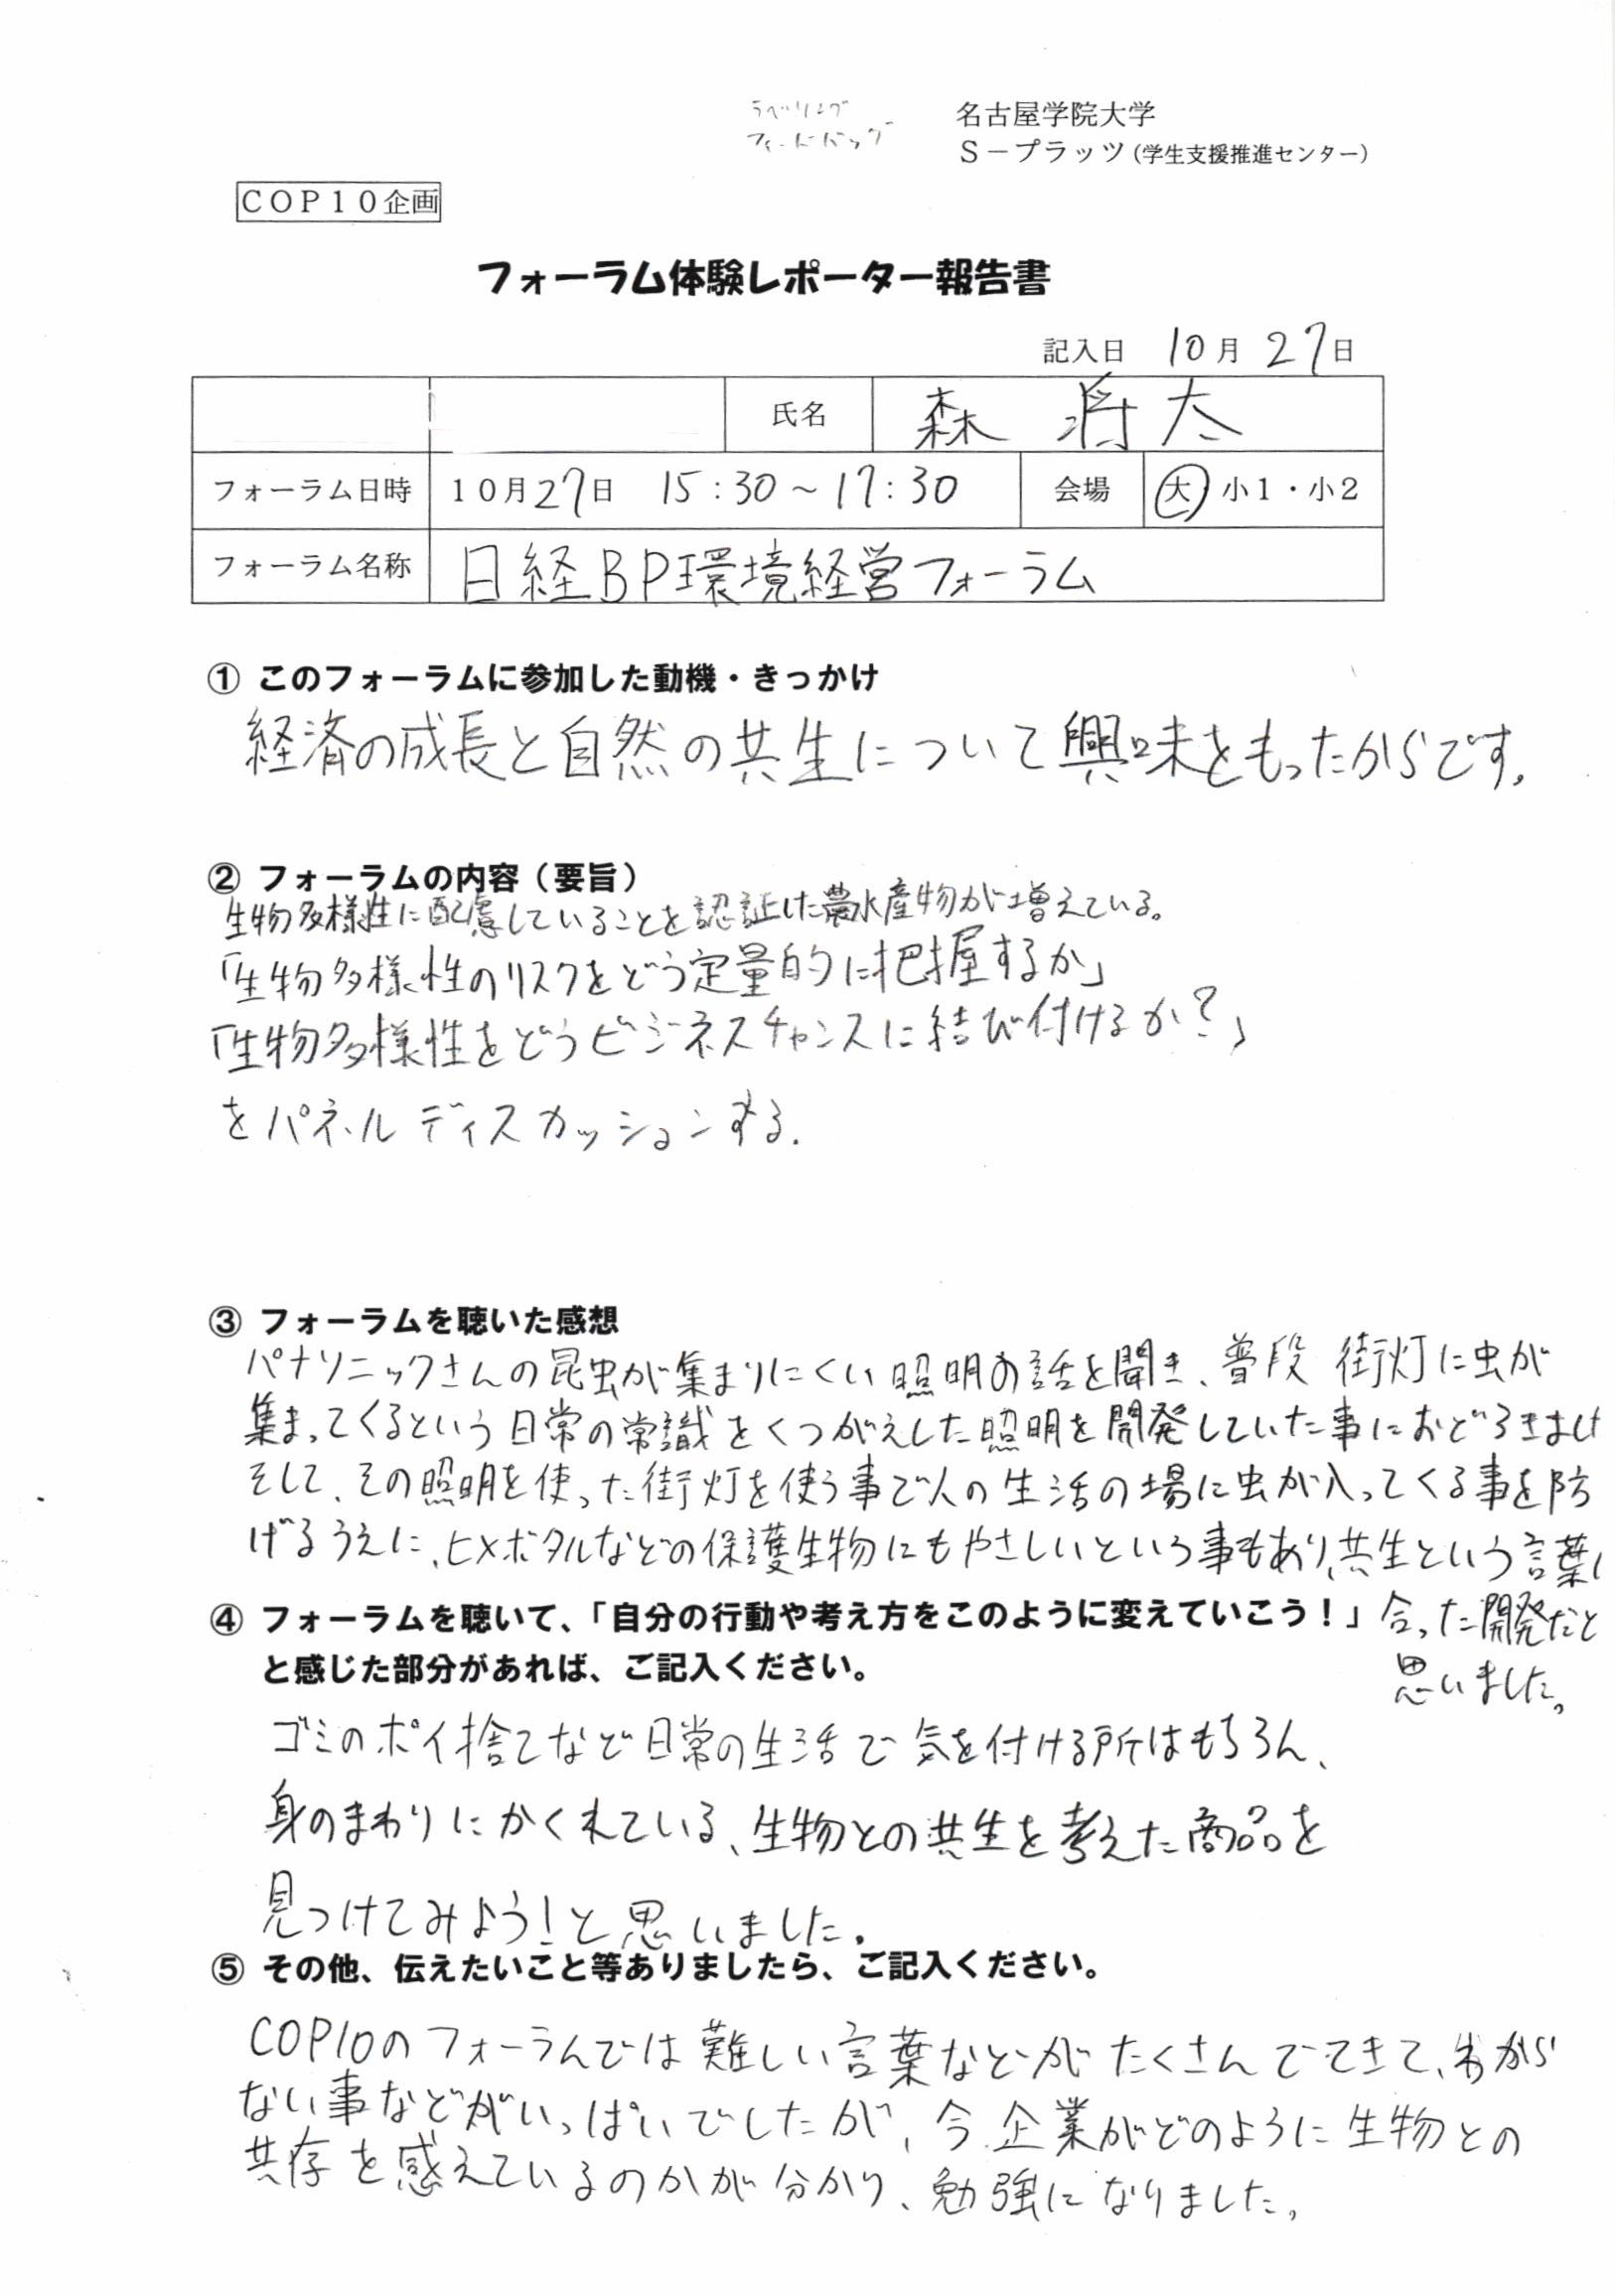 フォーラム体験レポーター報告森